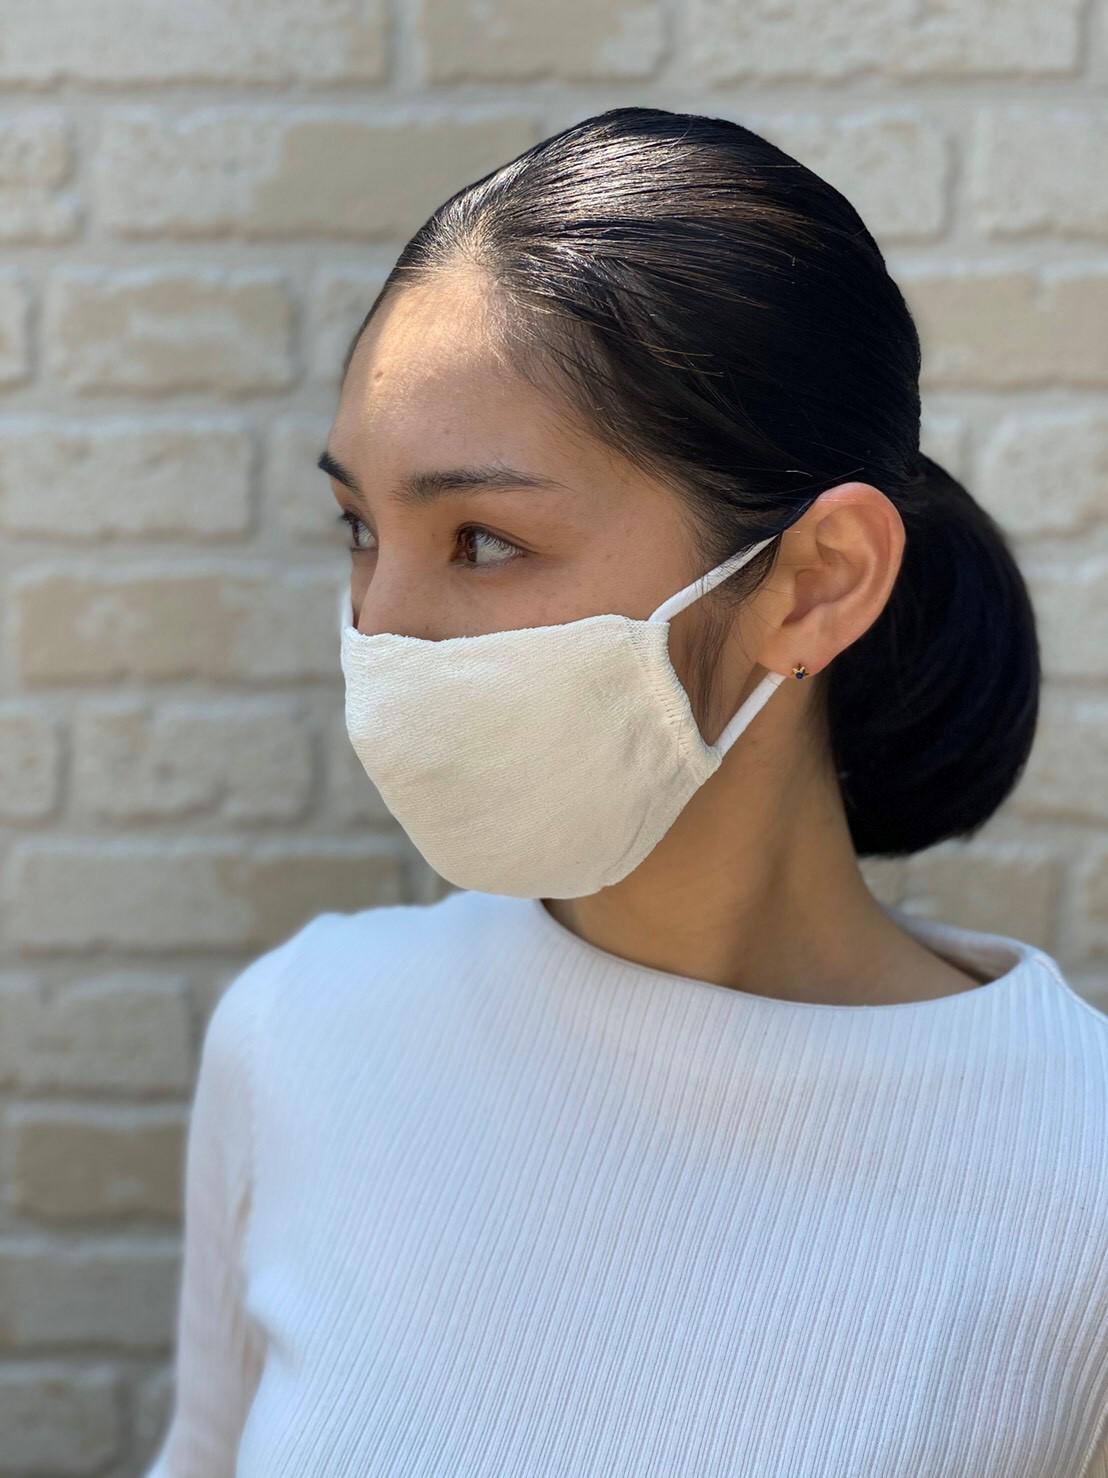 夏も快適に使えそう! 集英社の公式通販サイト『HAPPY PLUS STORE』で販売中のマスク、集めてみました_1